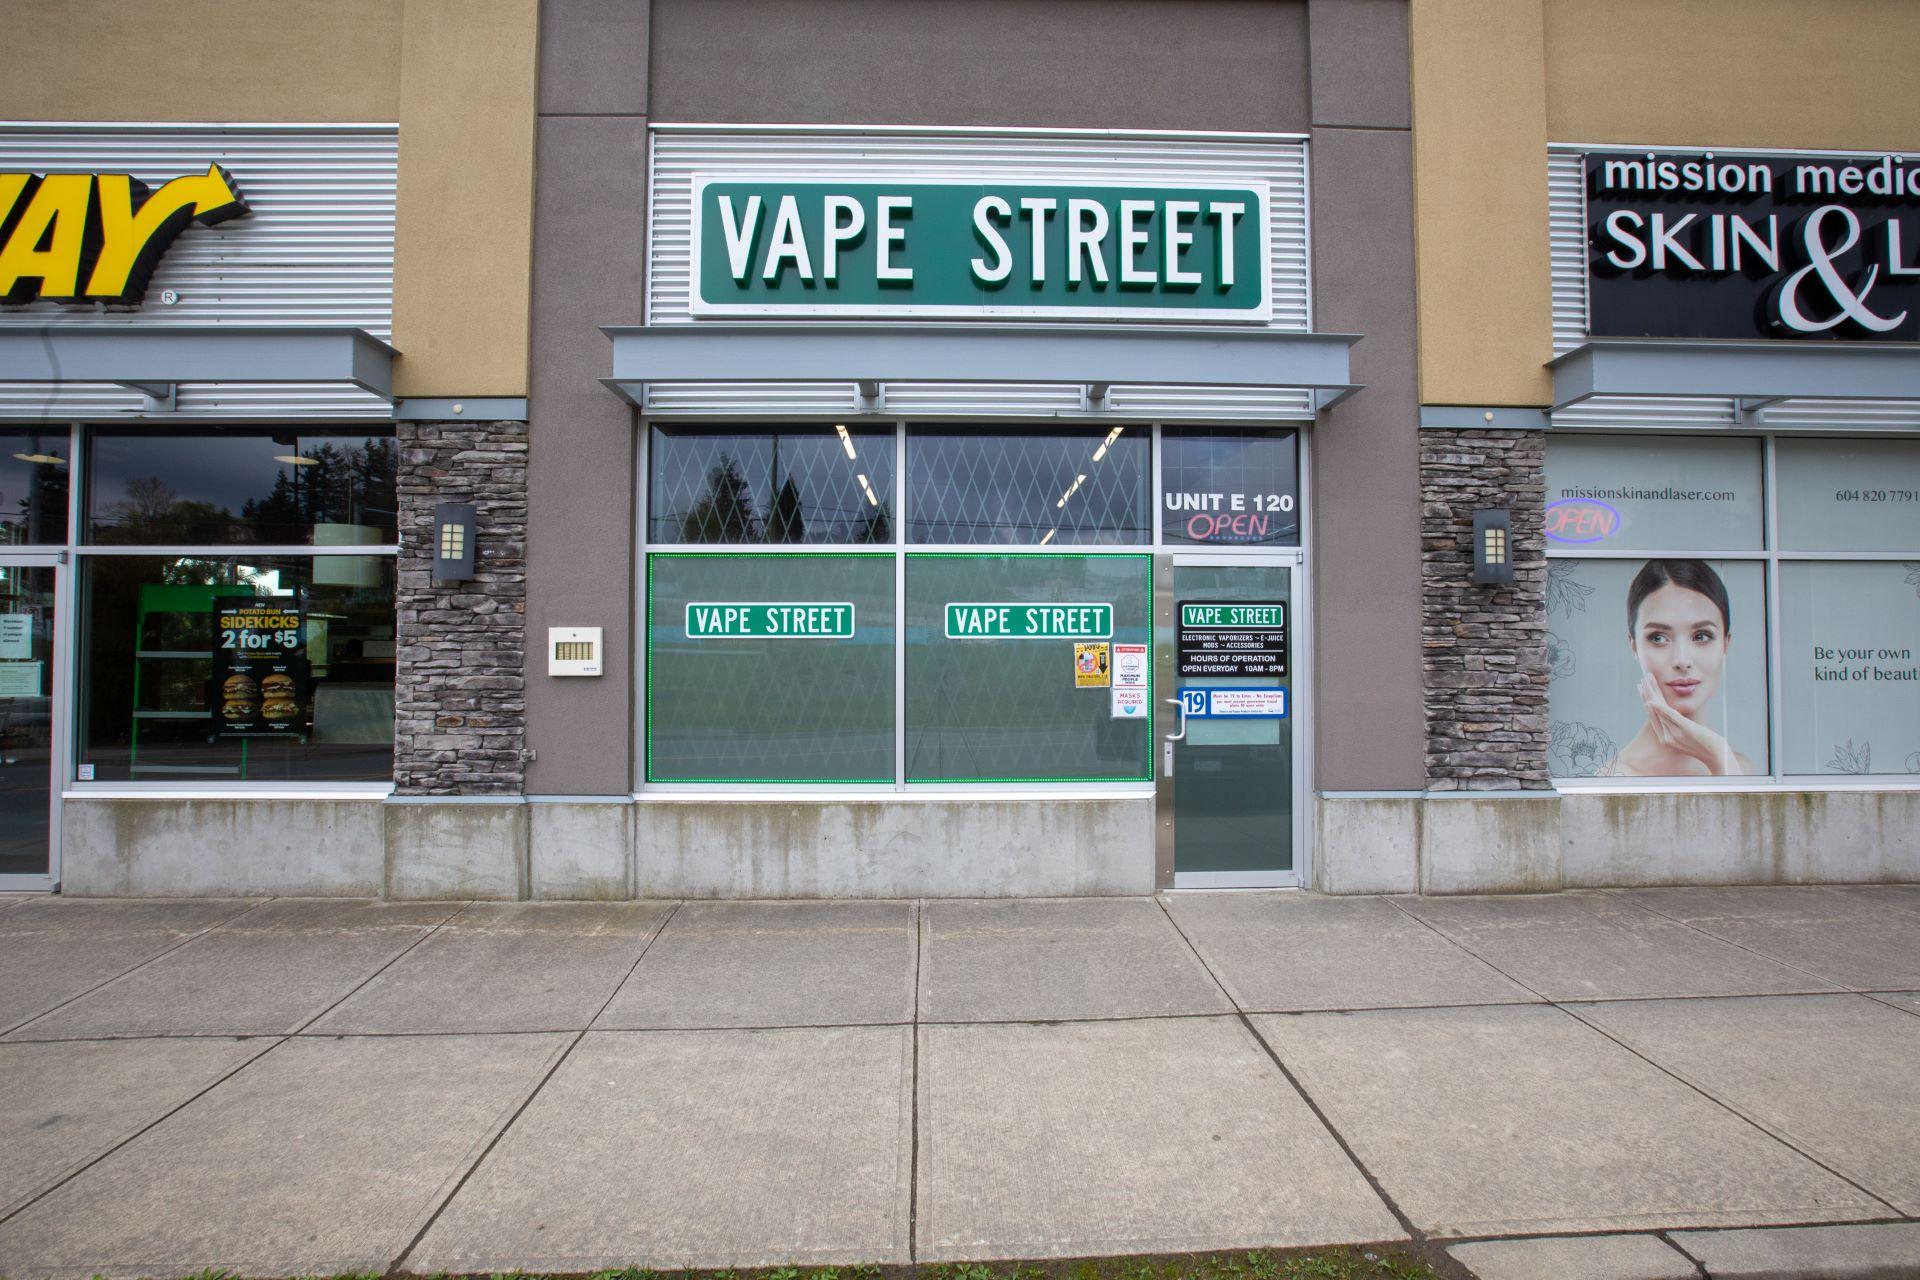 vape street mission lougheed